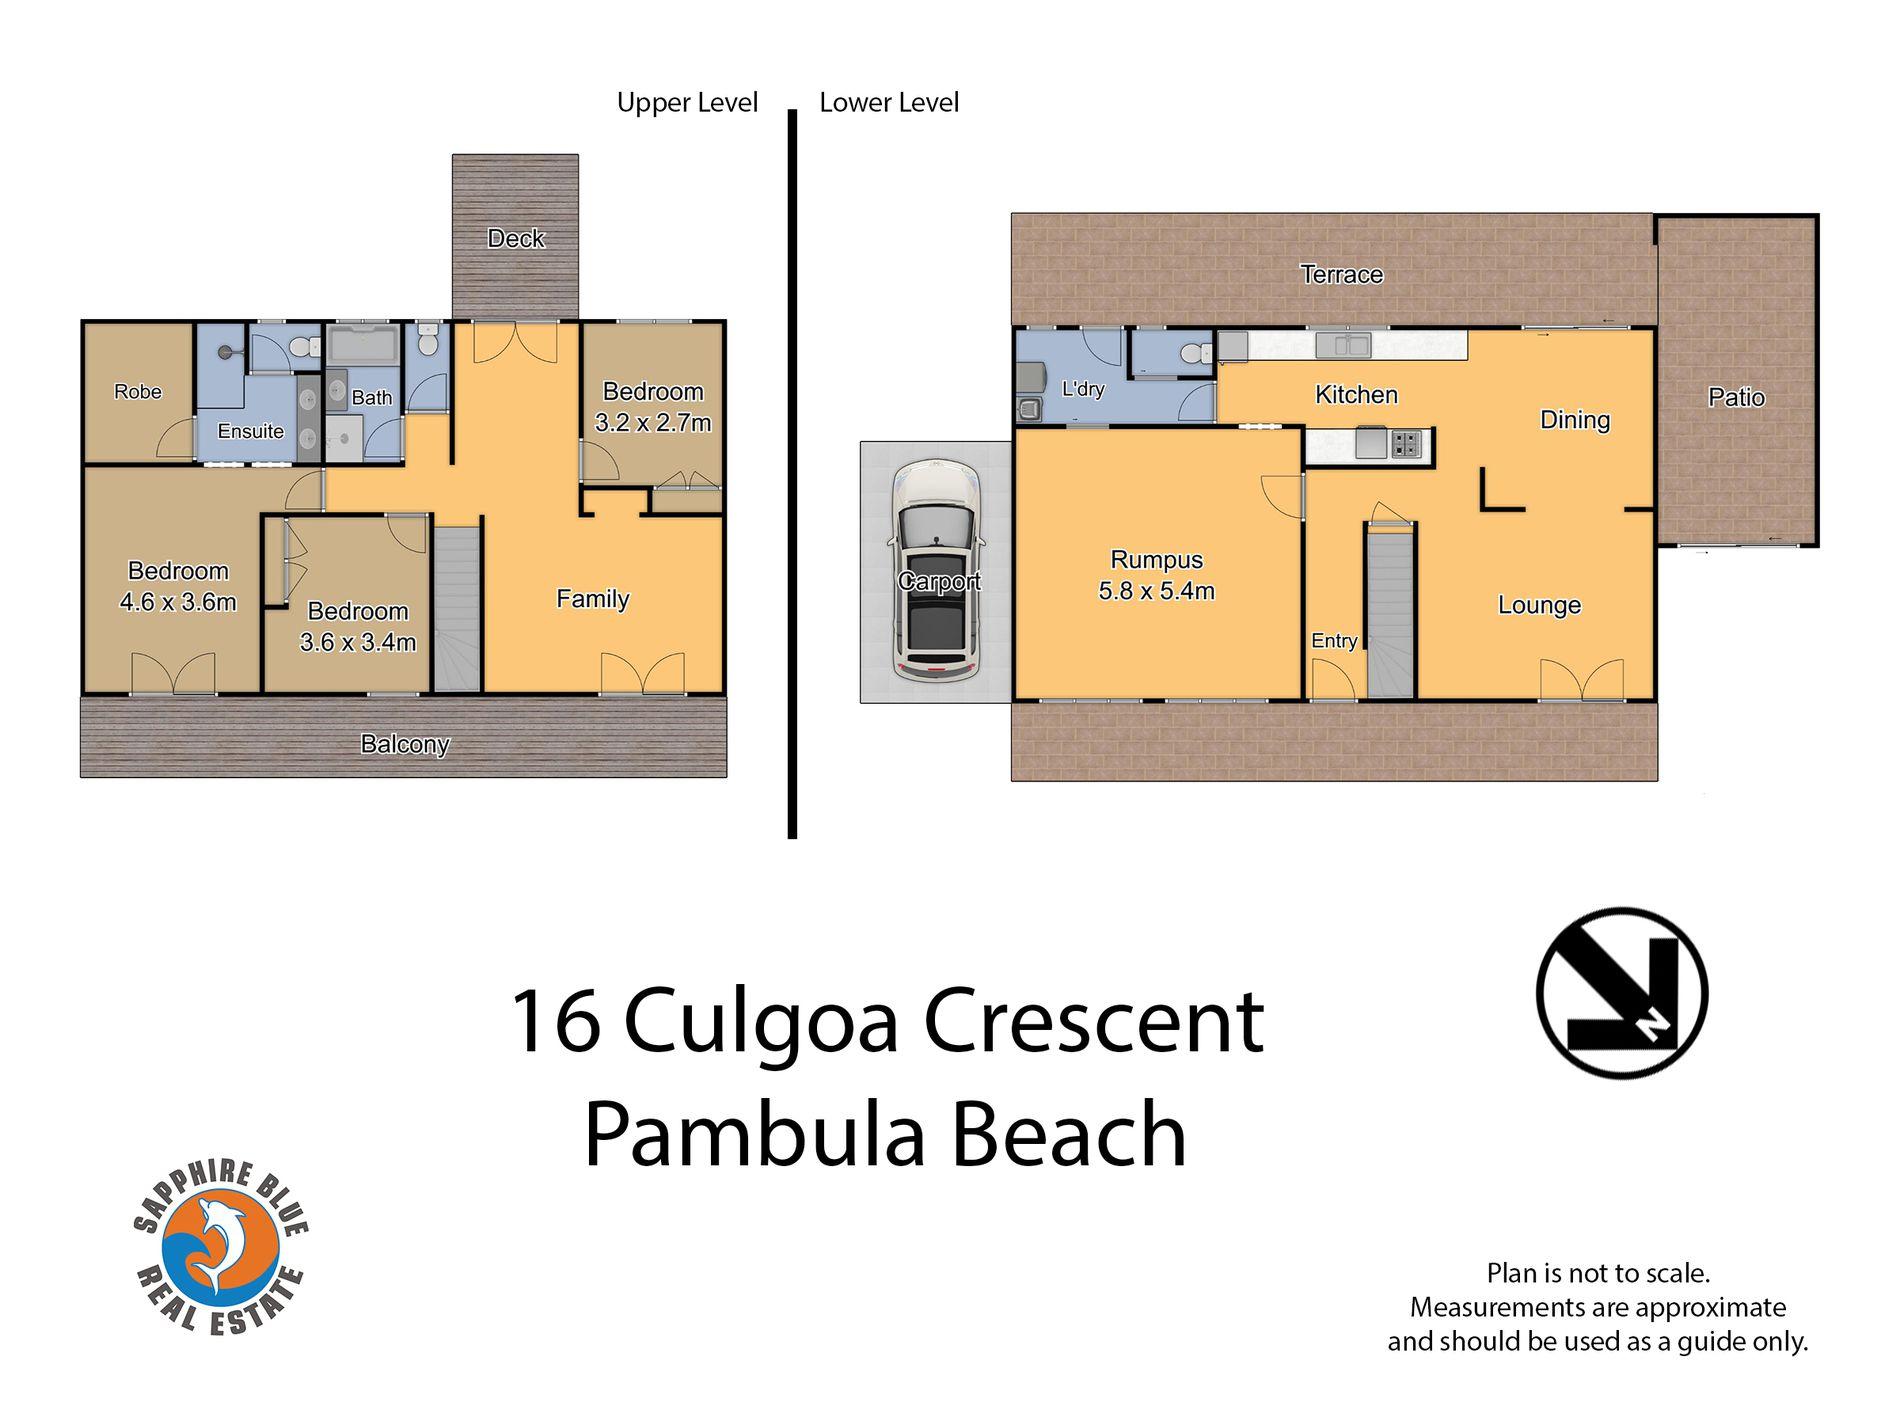 16 Culgoa Crescent, Pambula Beach